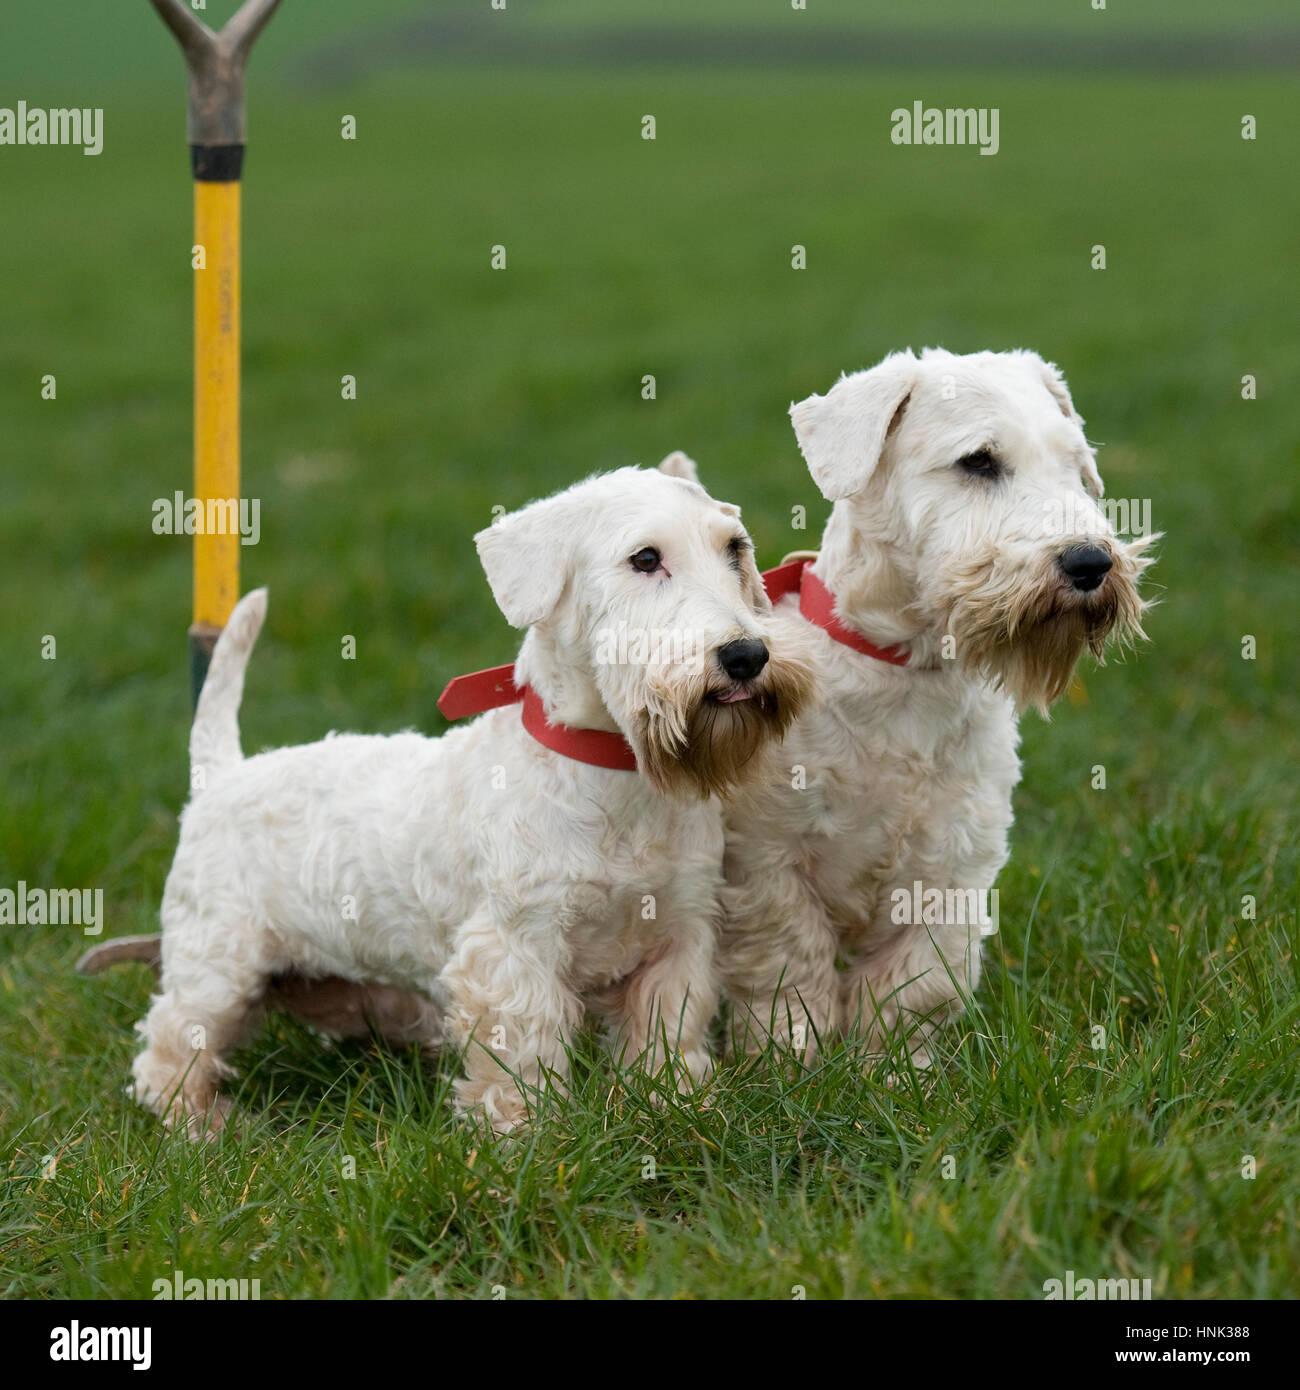 sealyham terriers - Stock Image